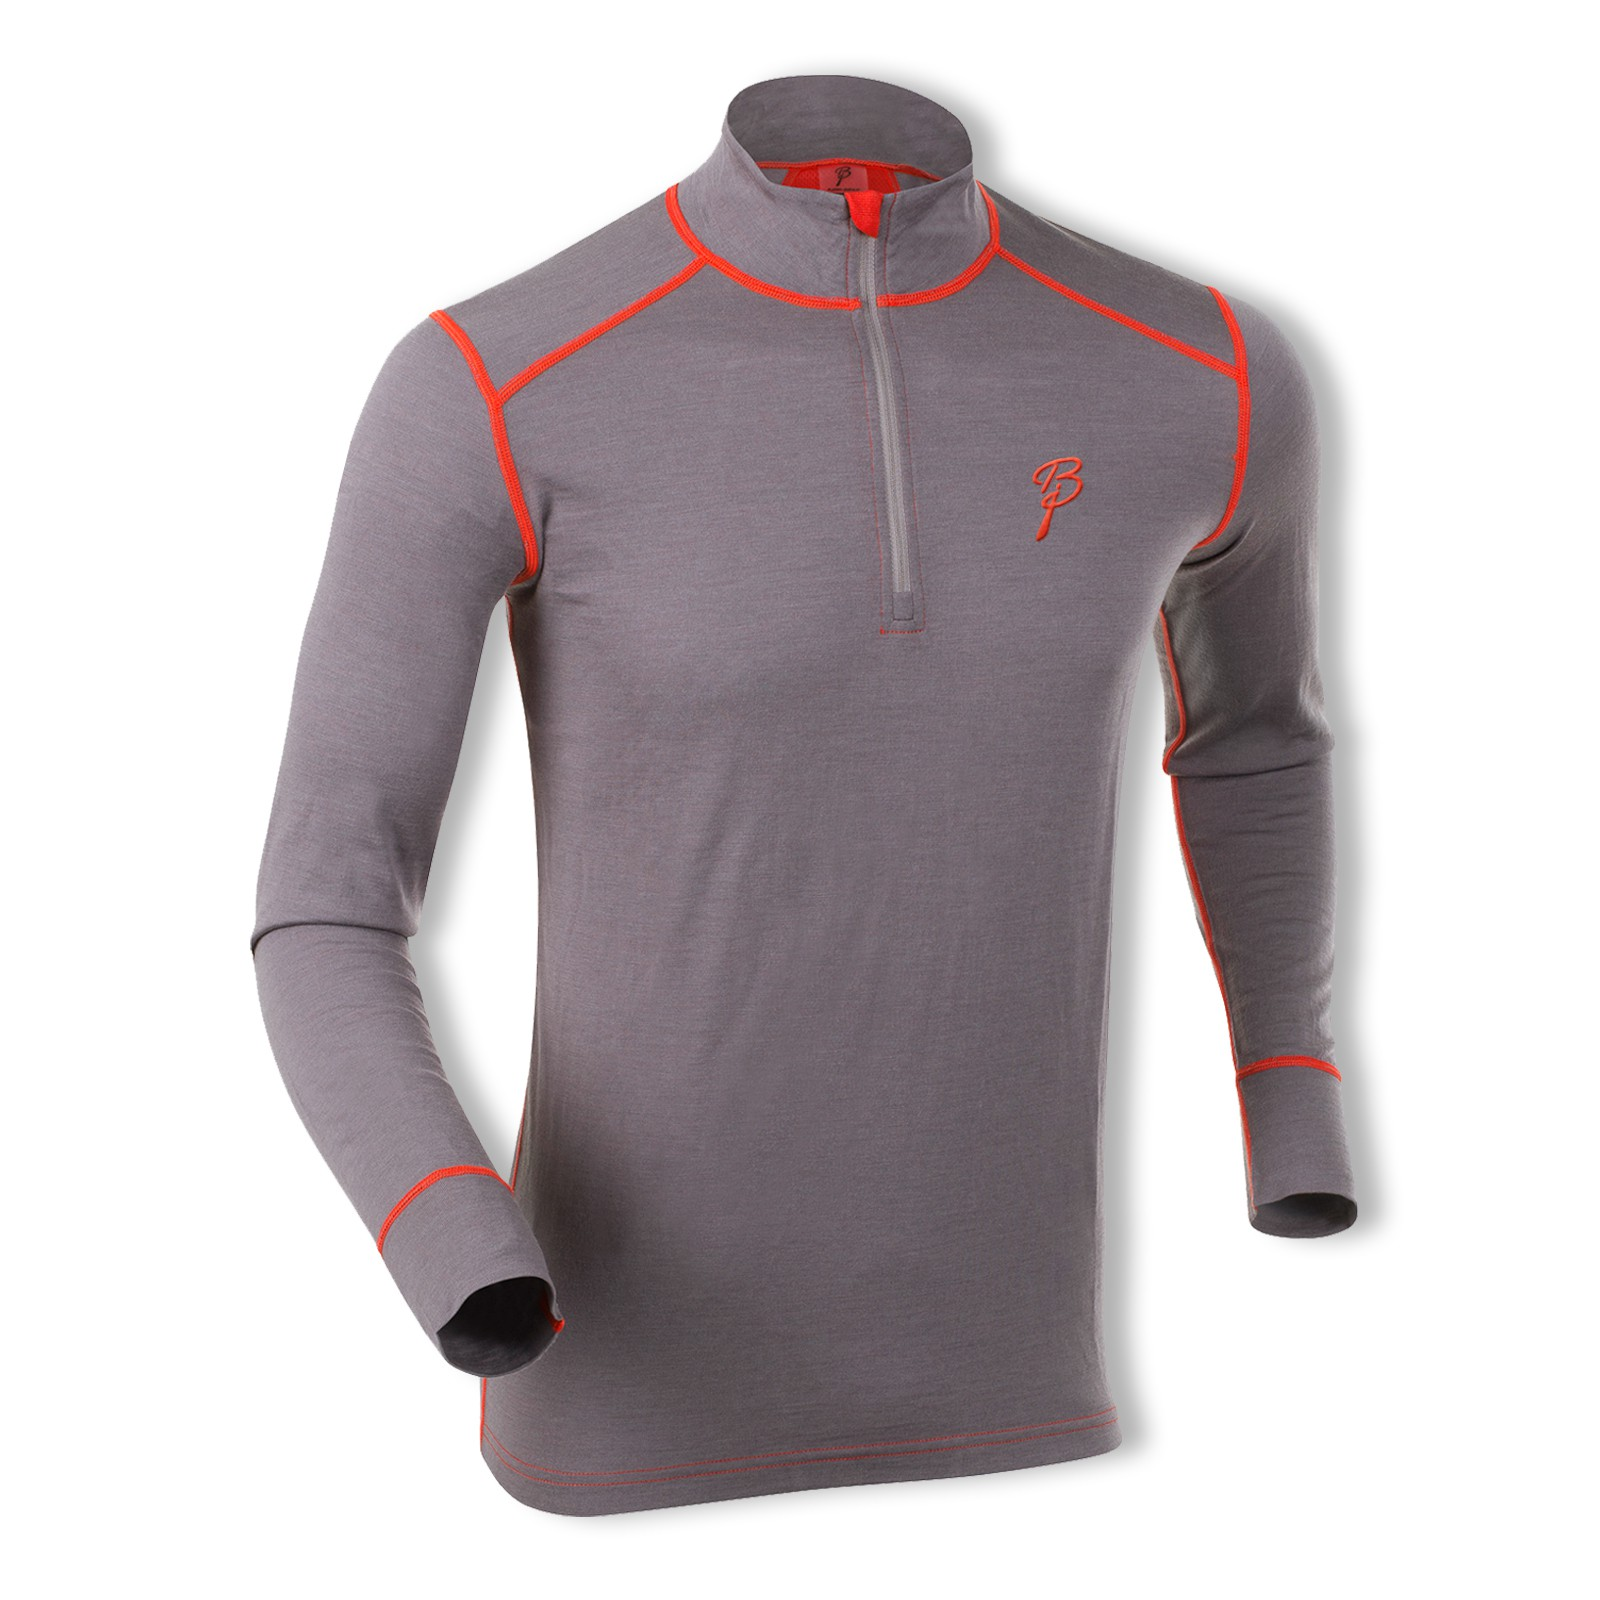 Björn Daehlie Herren Funktionsshirt Langarmshirt Shirt Half Zip Warm 320941 M L XL in shark